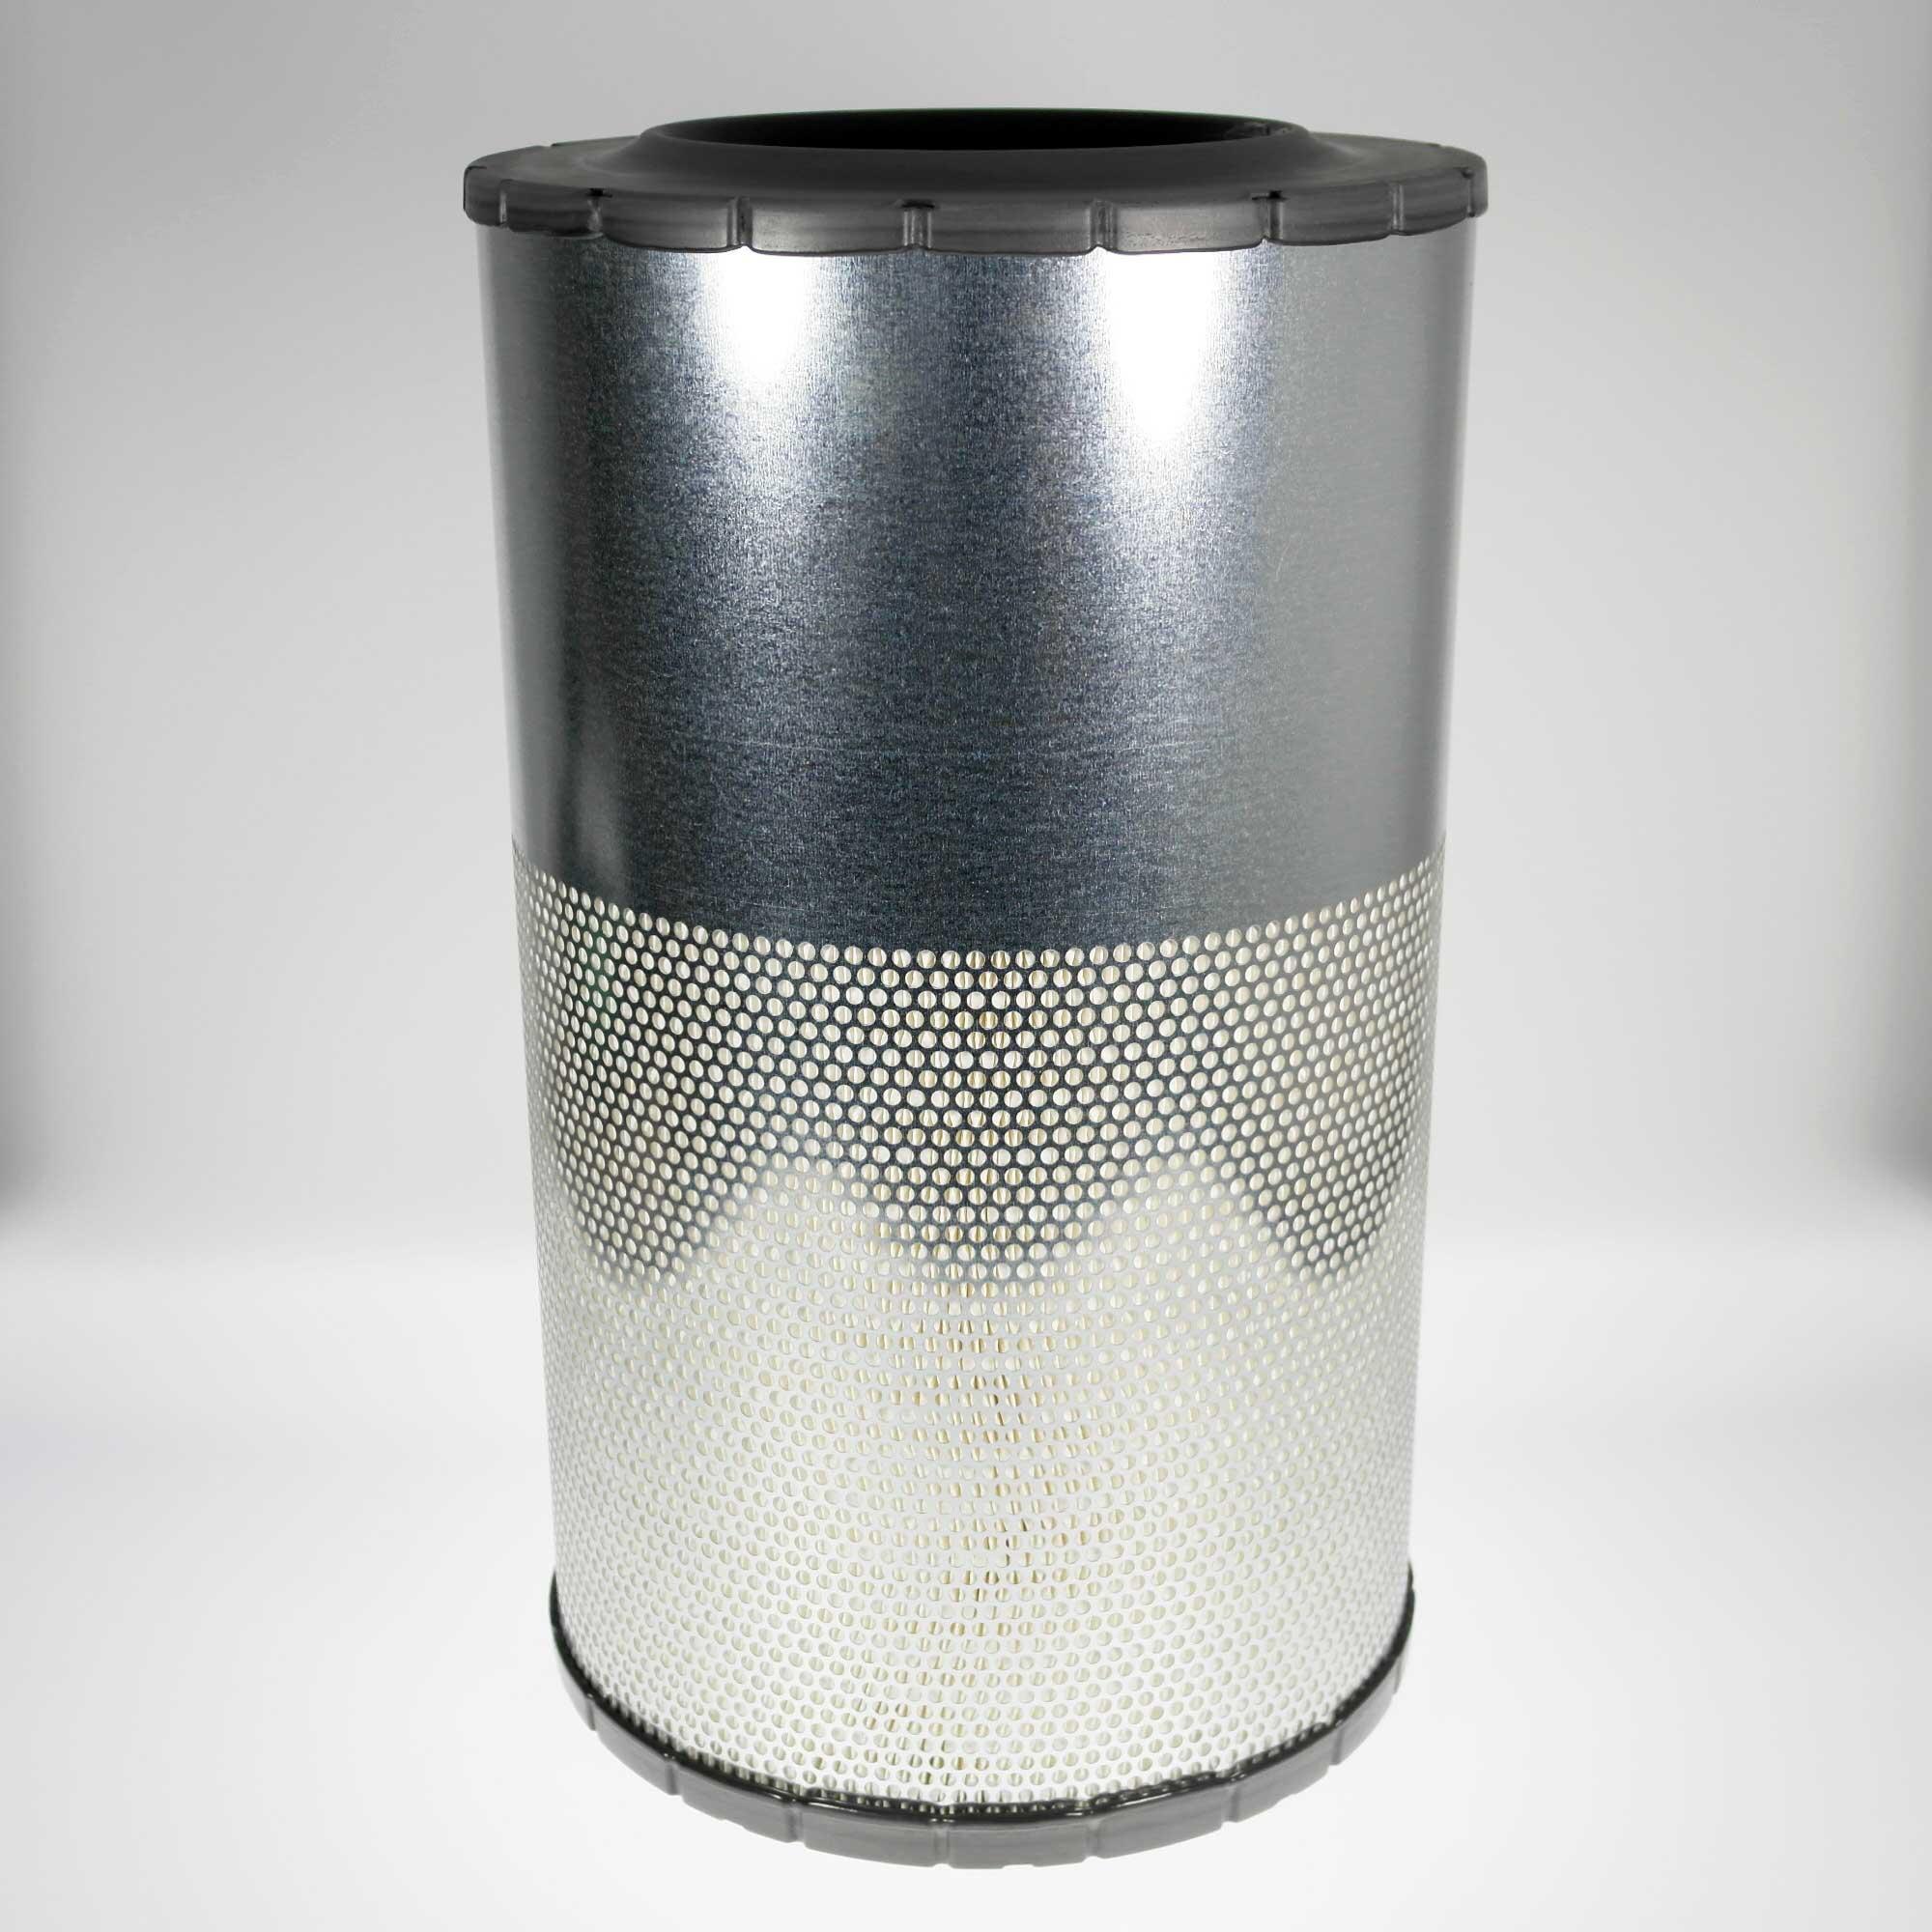 Luftfilter, varenummer AF25454